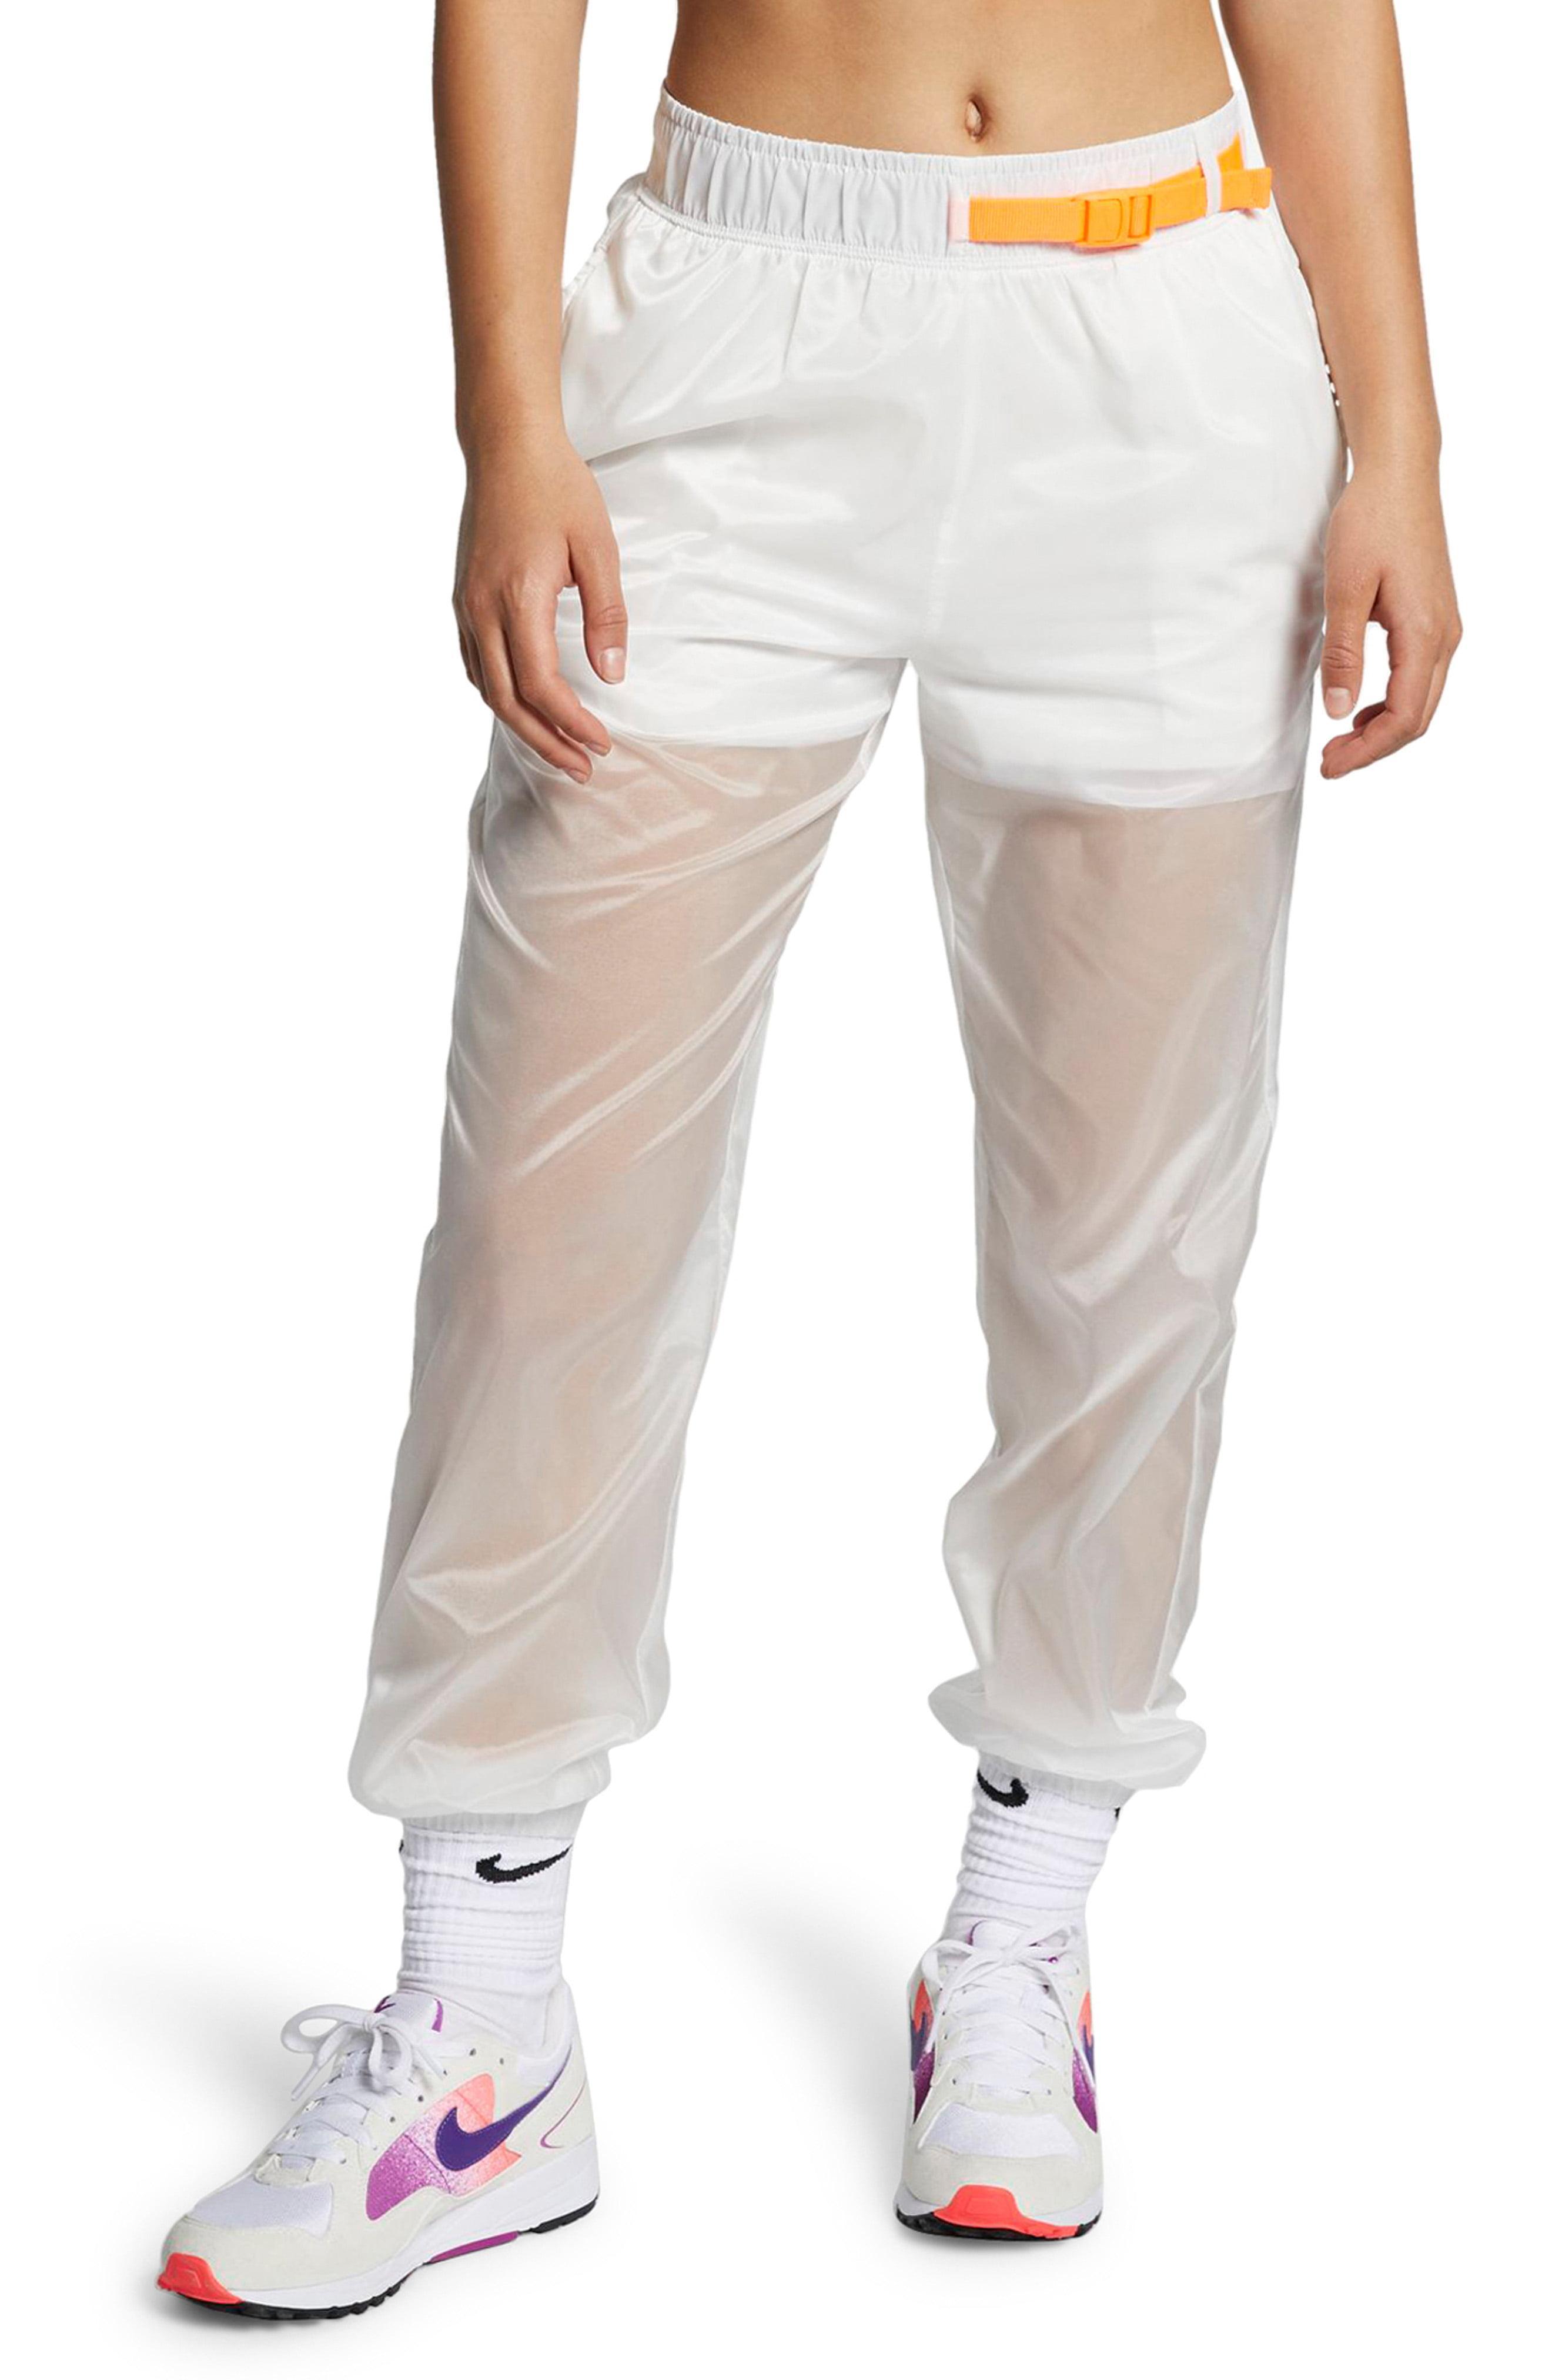 b373a6e46df651 Lyst - Nike Sportswear Tech Pack Women s Woven Pants in White